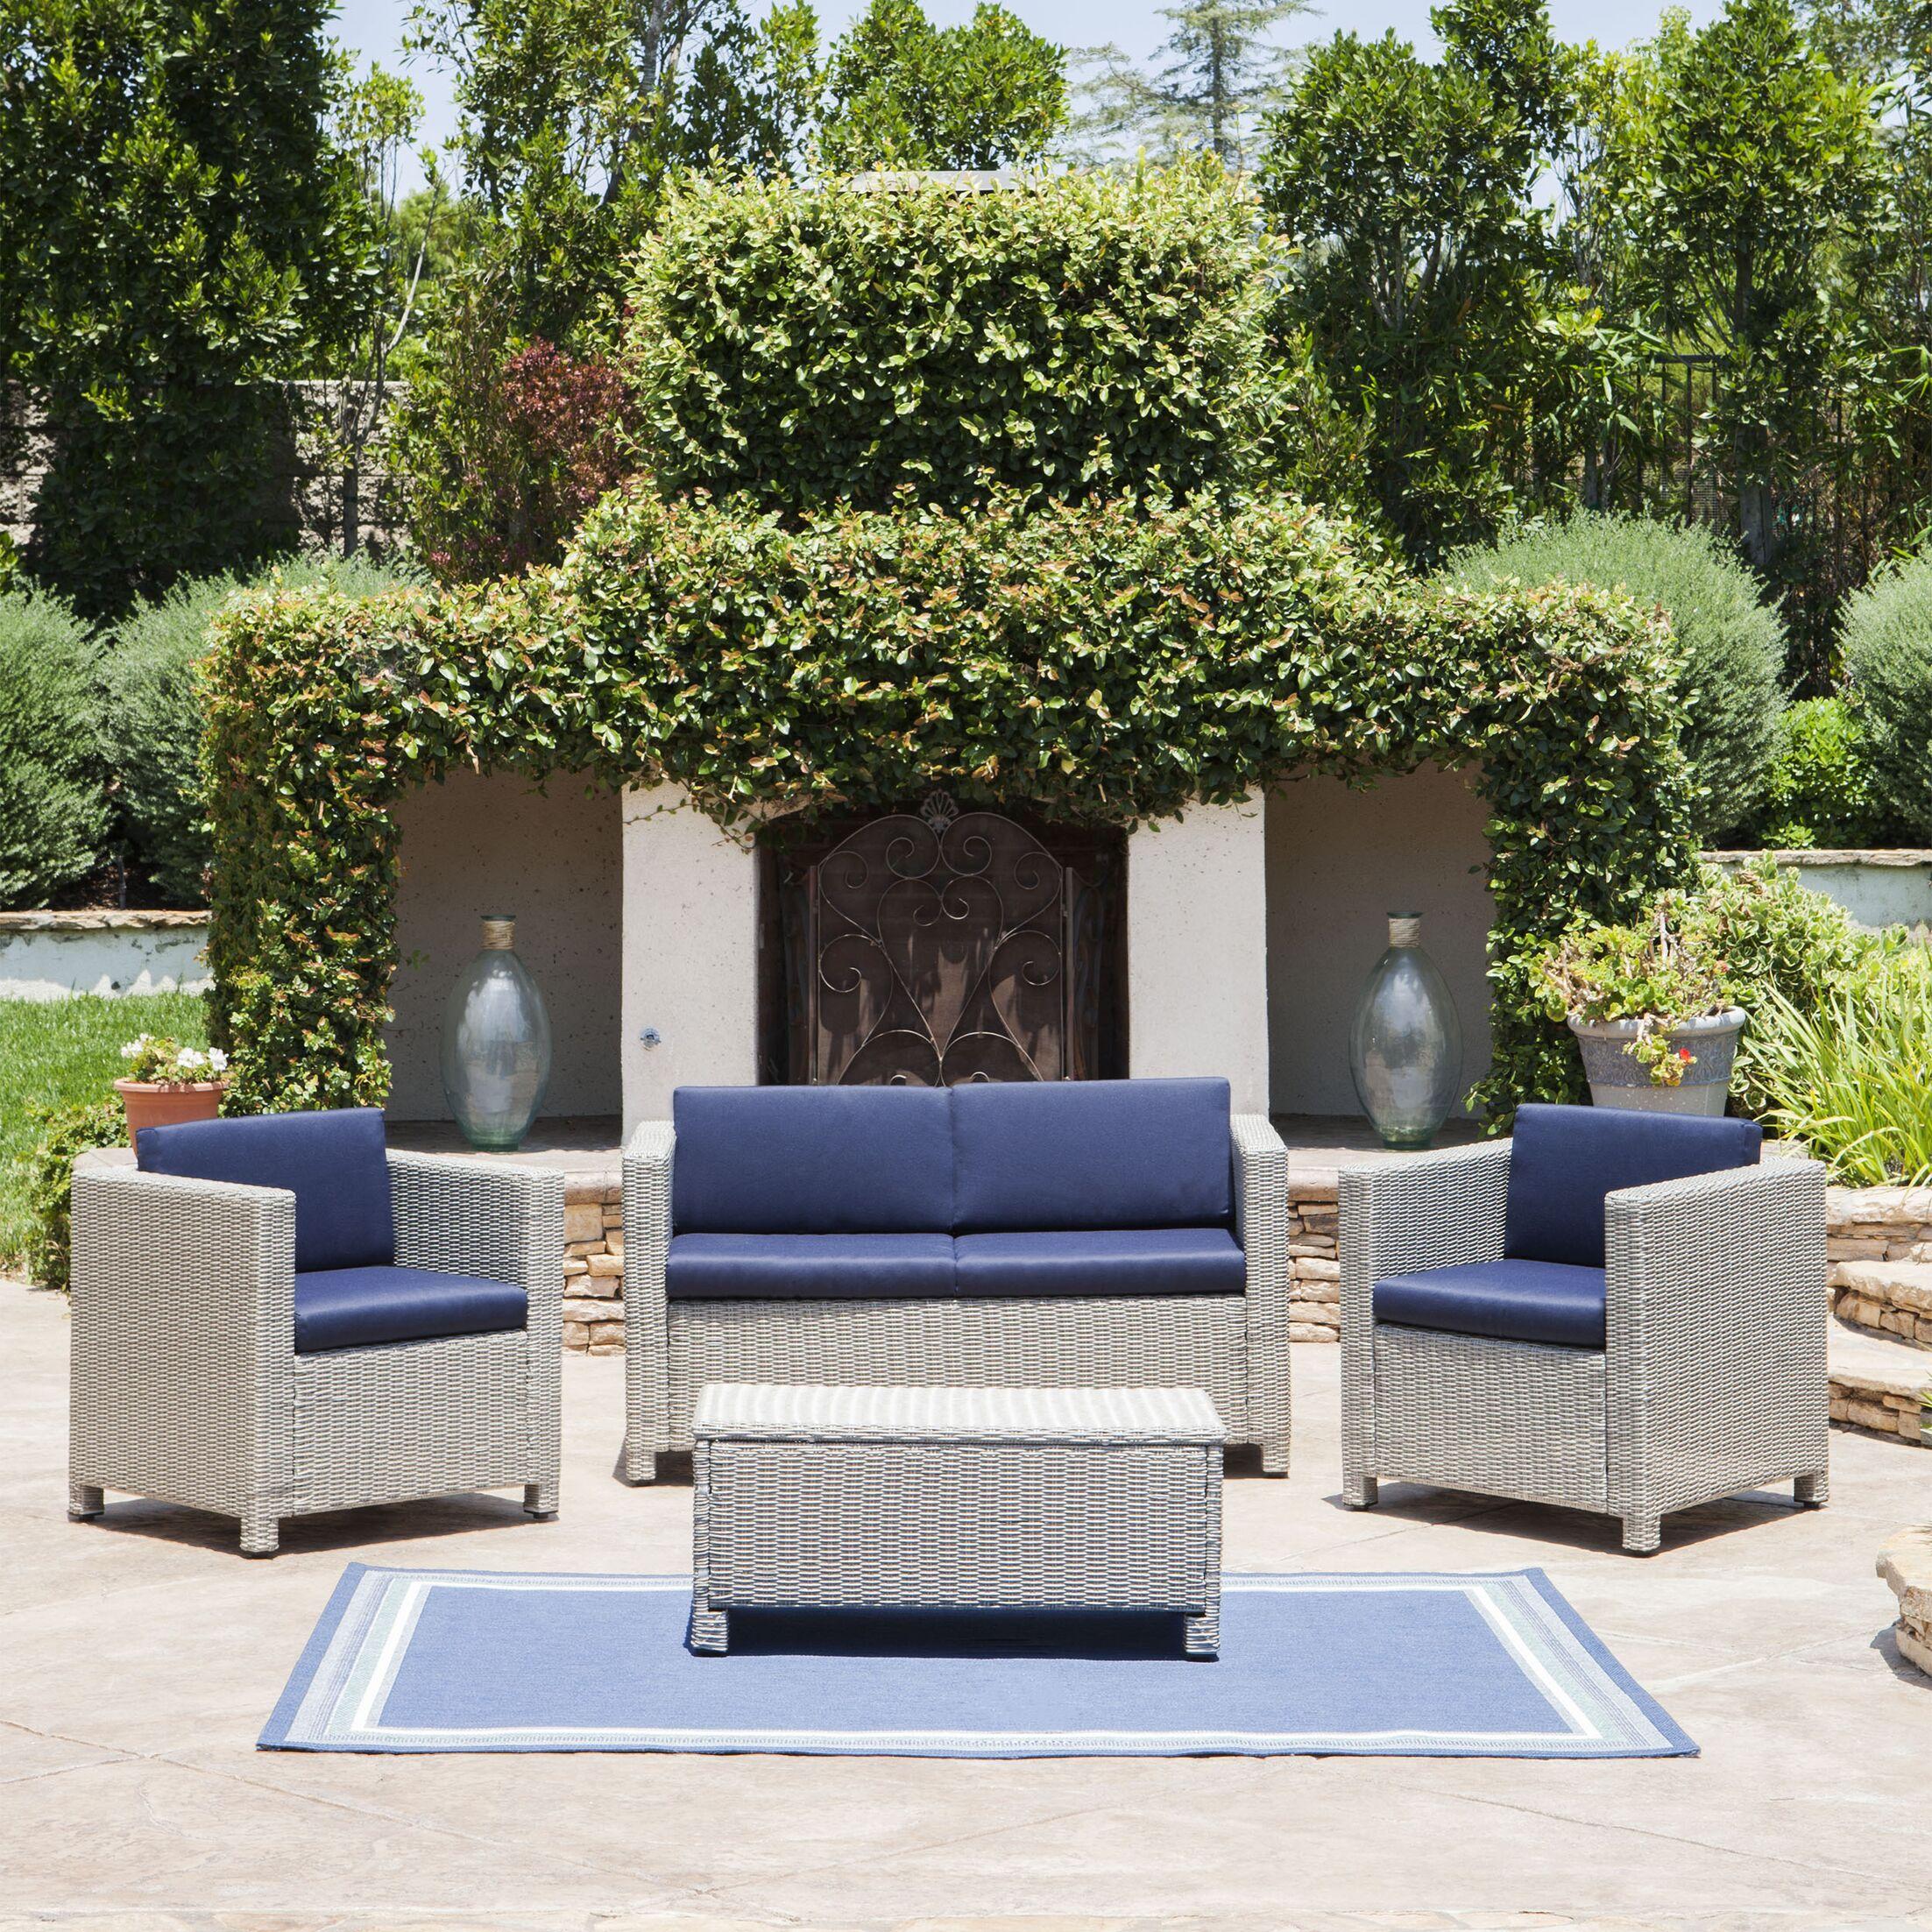 Bashir 4 Piece Sofa Set with Cushions Cushion Color: Navy Blue